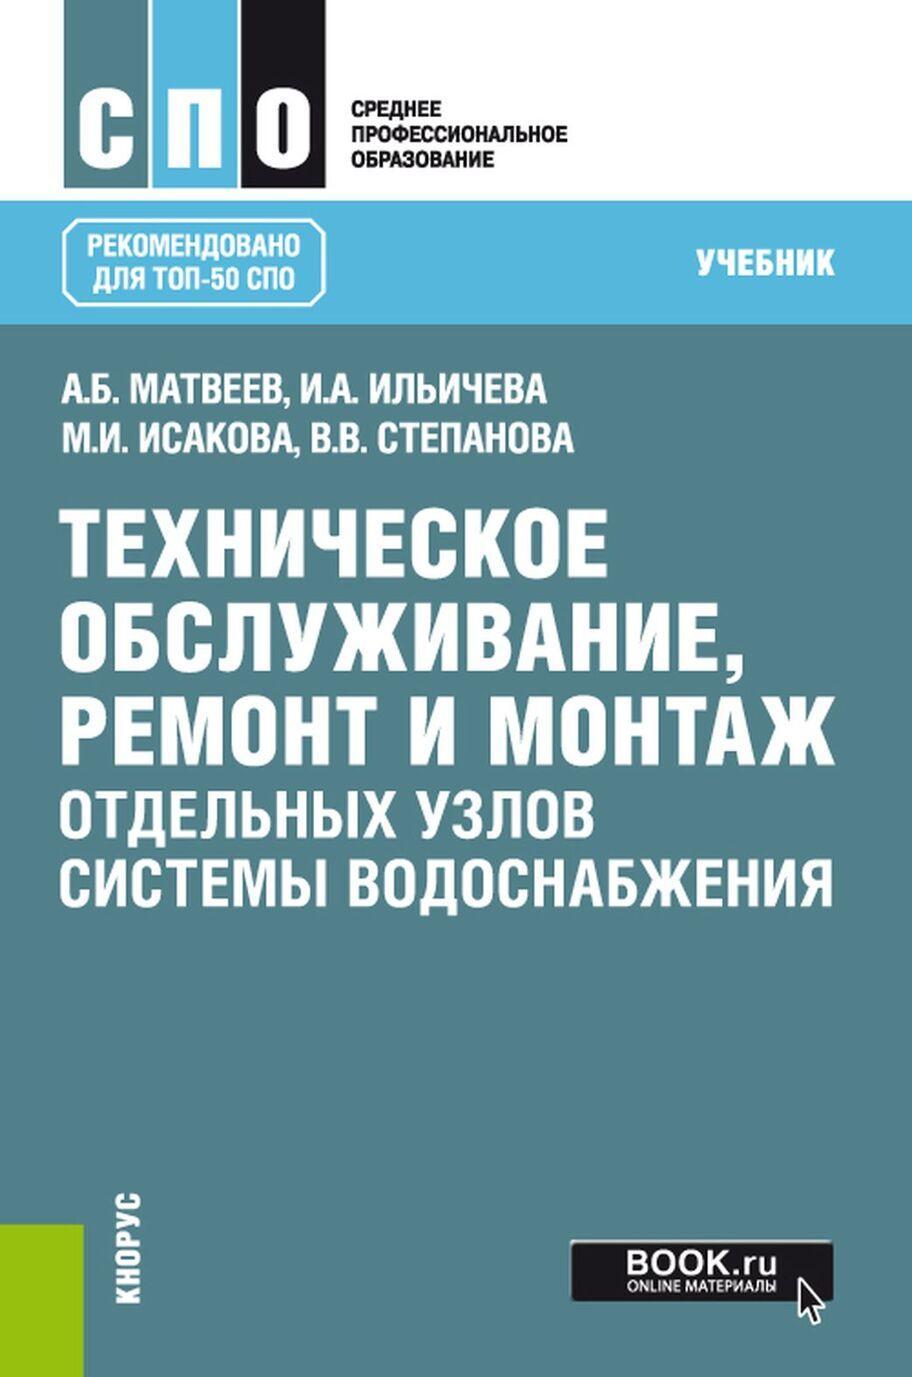 Tekhnicheskoe obsluzhivanie, remont i montazh otdelnykh uzlov sistemy vodosnabzhenija. Uchebnik | Matveev A. B., Ilicheva Irina Anatolevna